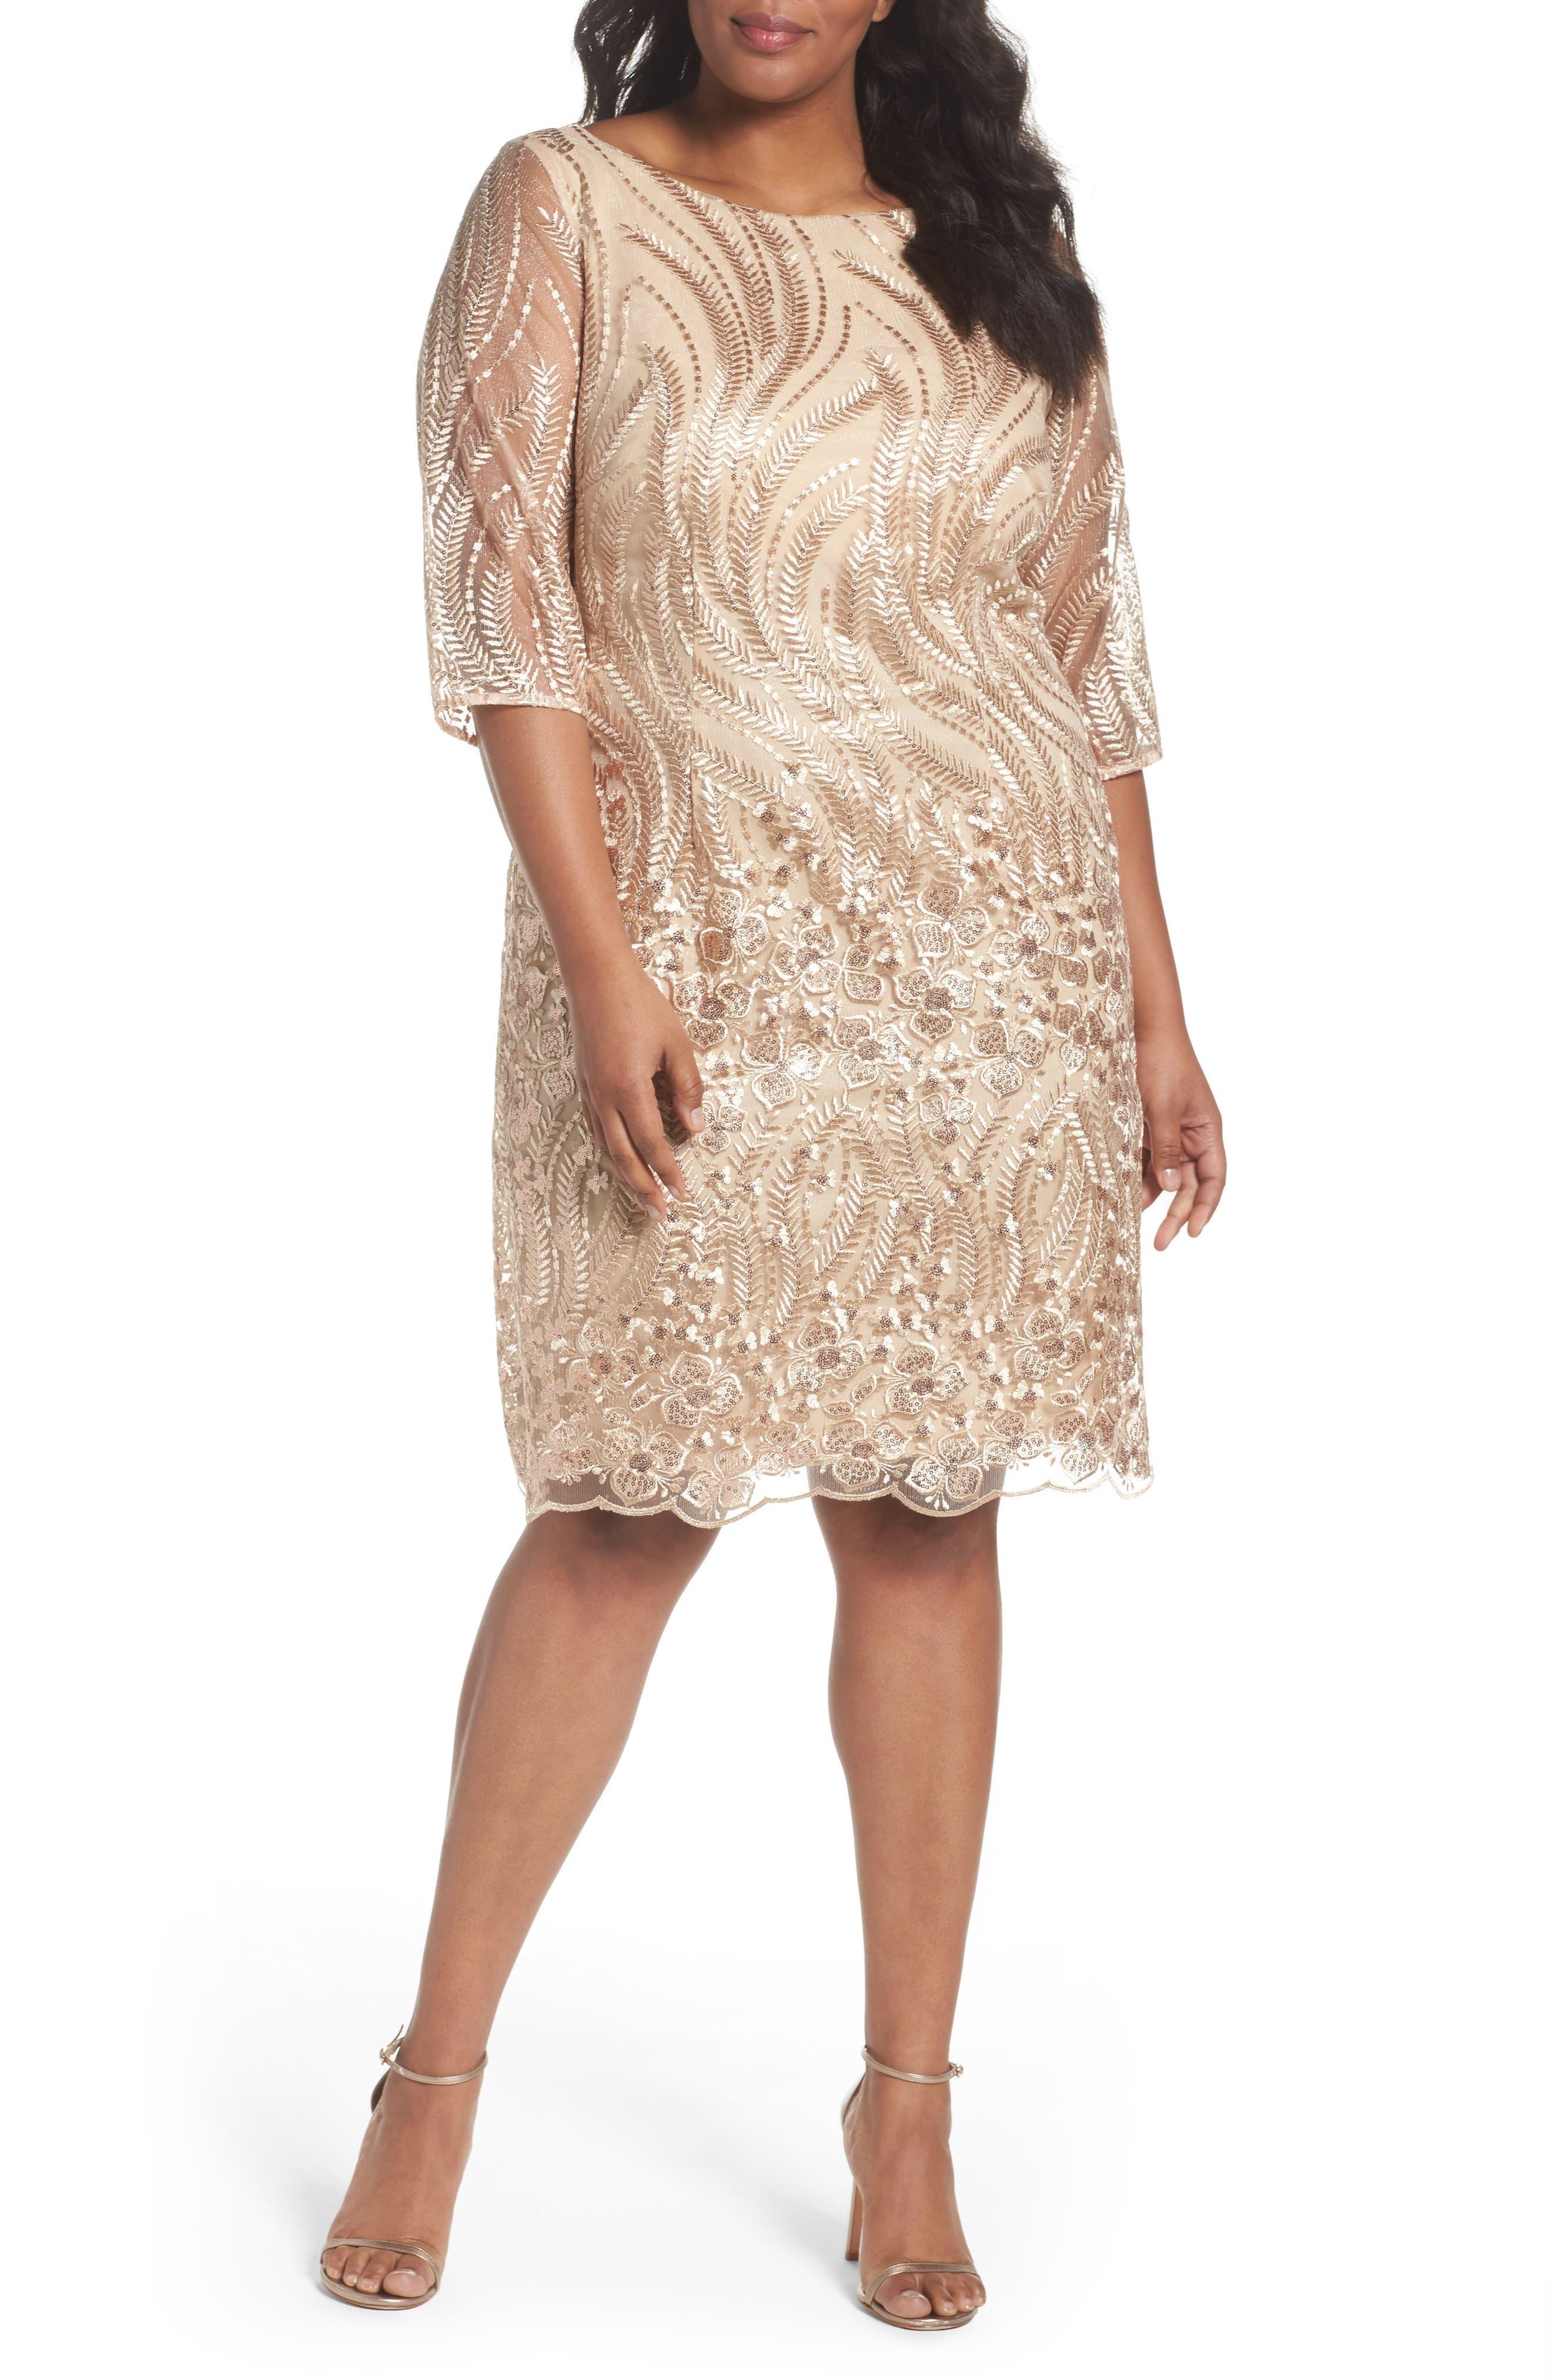 Main Image - Brianna Embellished Sheath Dress